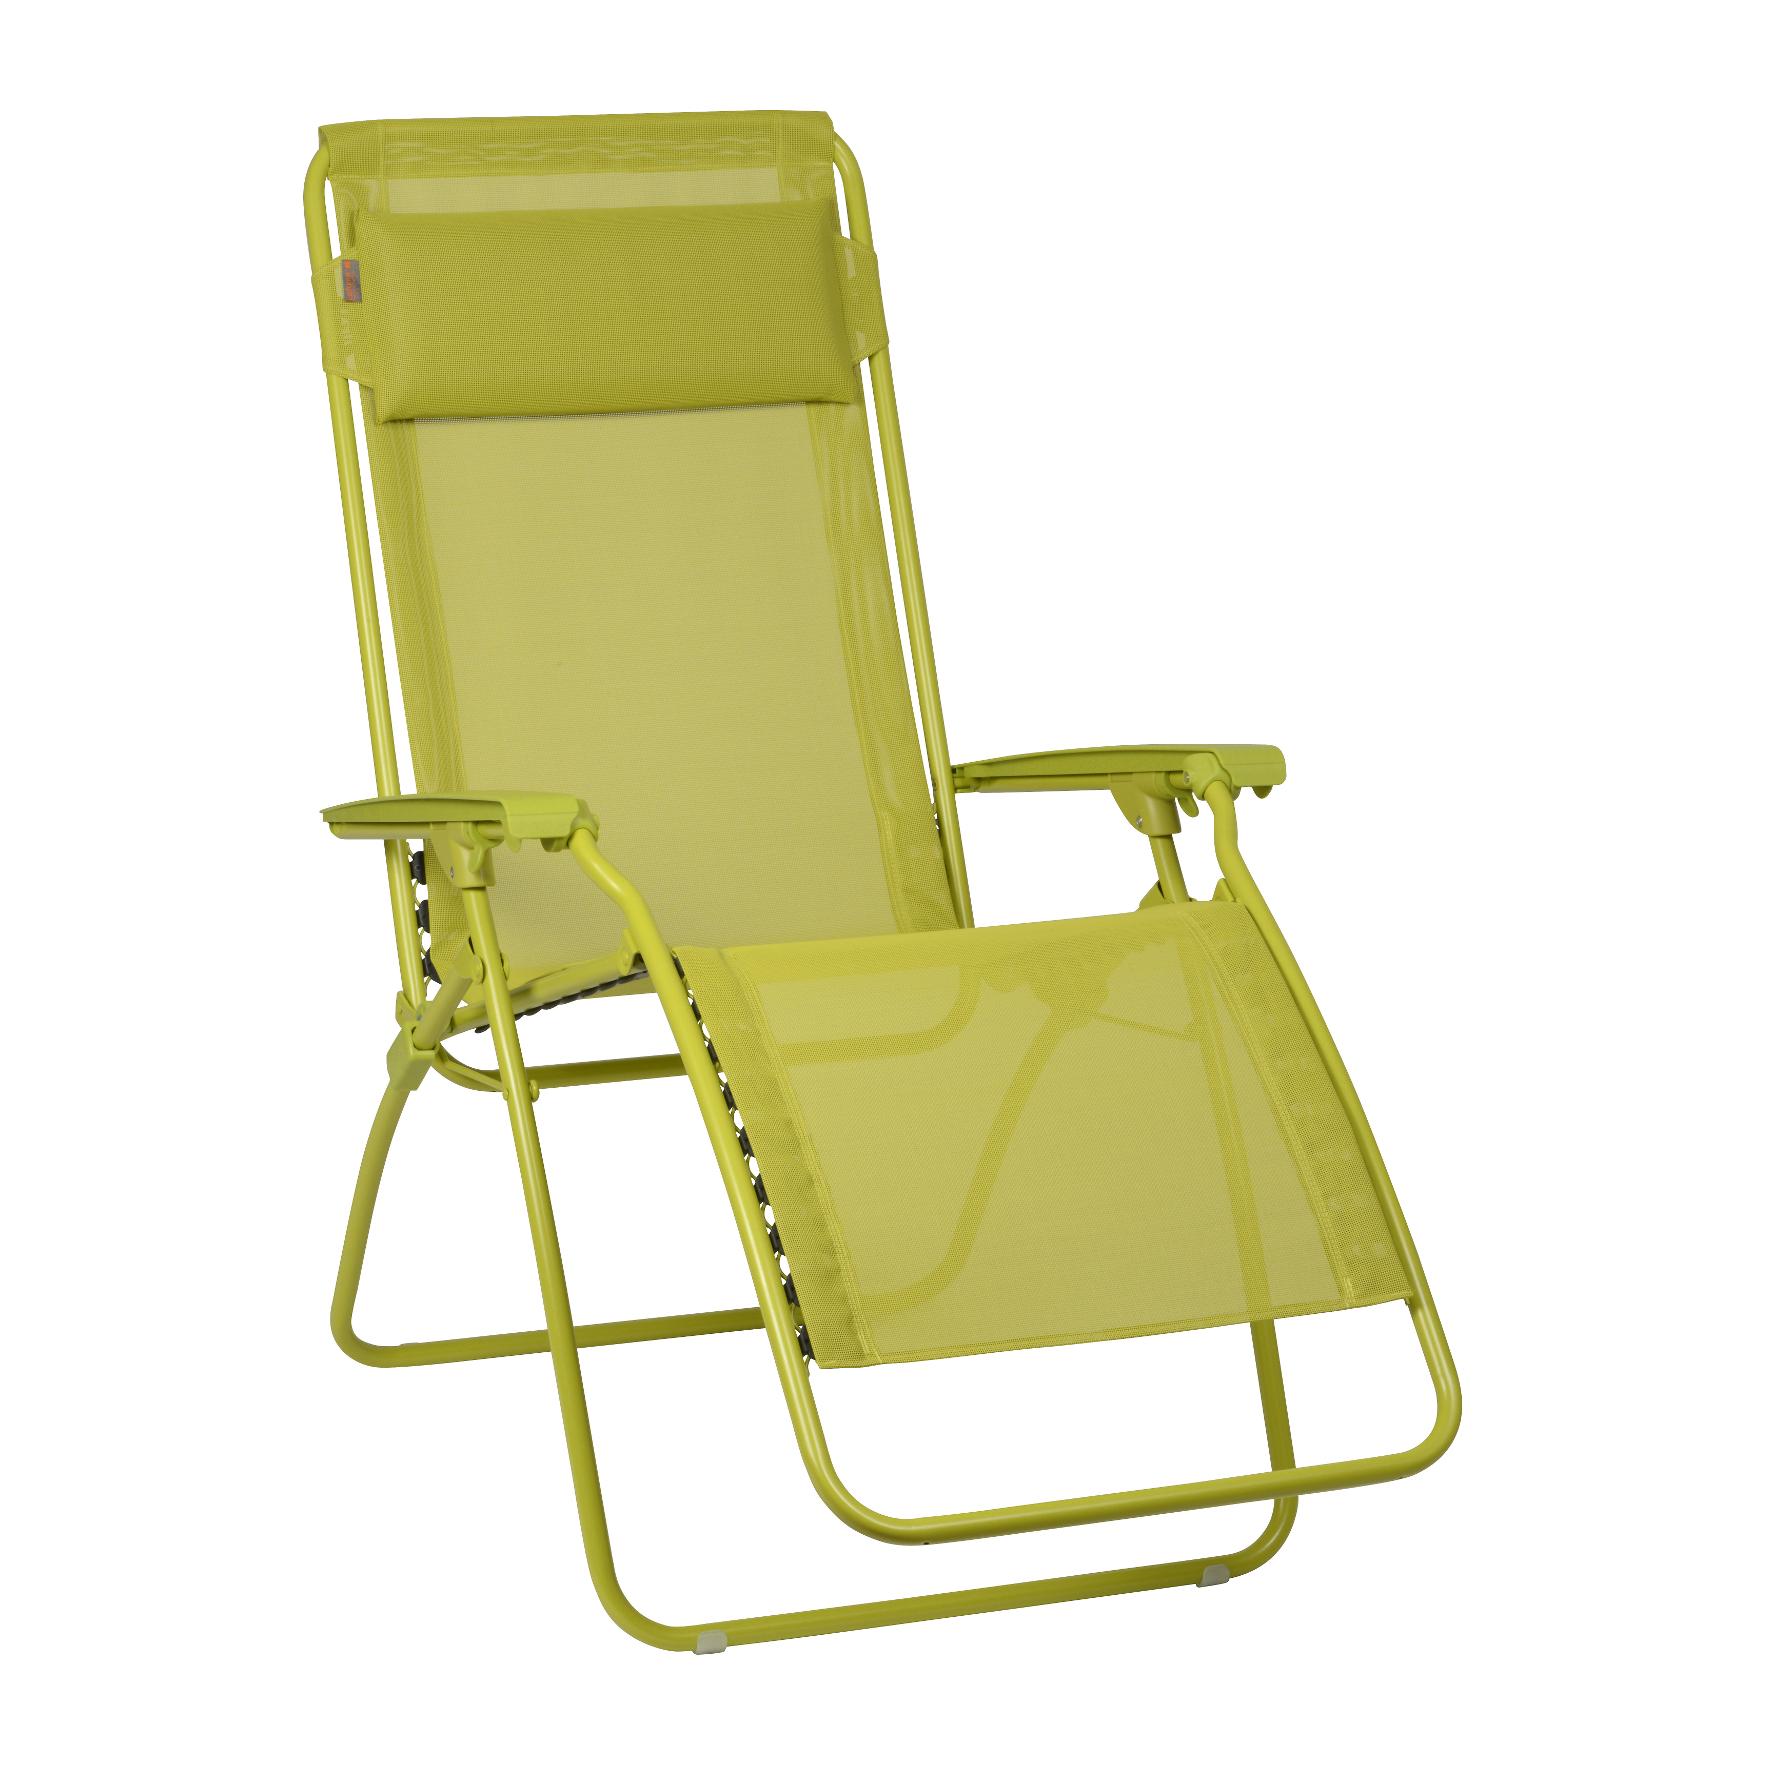 Lafuma c r clip chaise pliante colorblock batyline vert 2 - Chaise de jardin lafuma ...